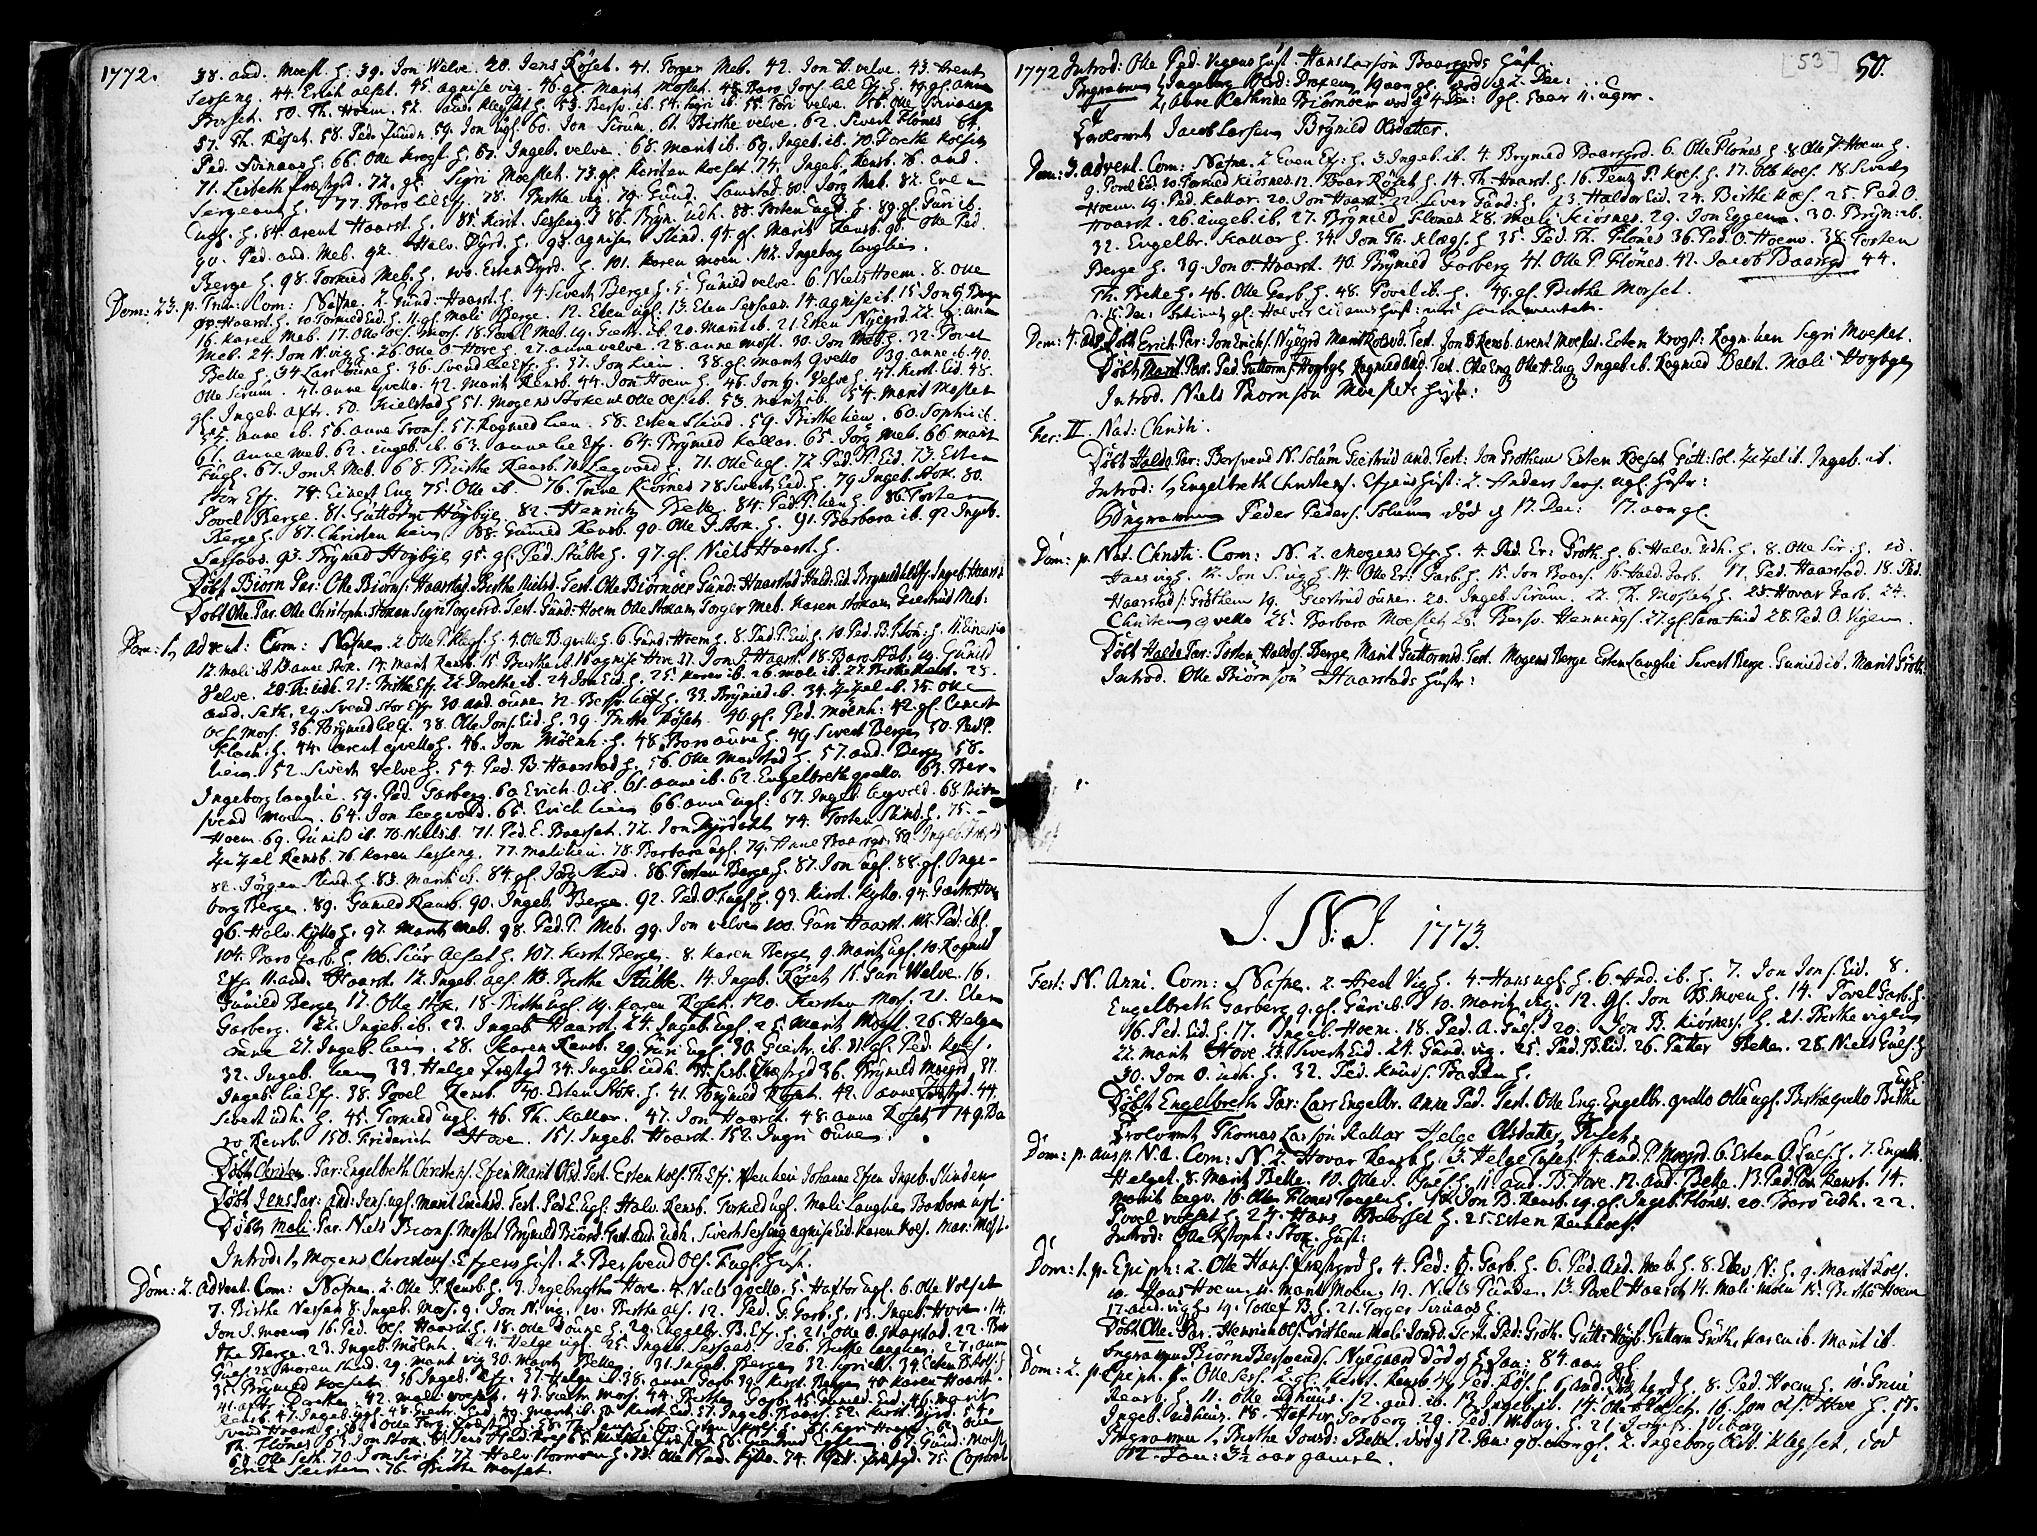 SAT, Ministerialprotokoller, klokkerbøker og fødselsregistre - Sør-Trøndelag, 695/L1138: Ministerialbok nr. 695A02 /1, 1757-1801, s. 53